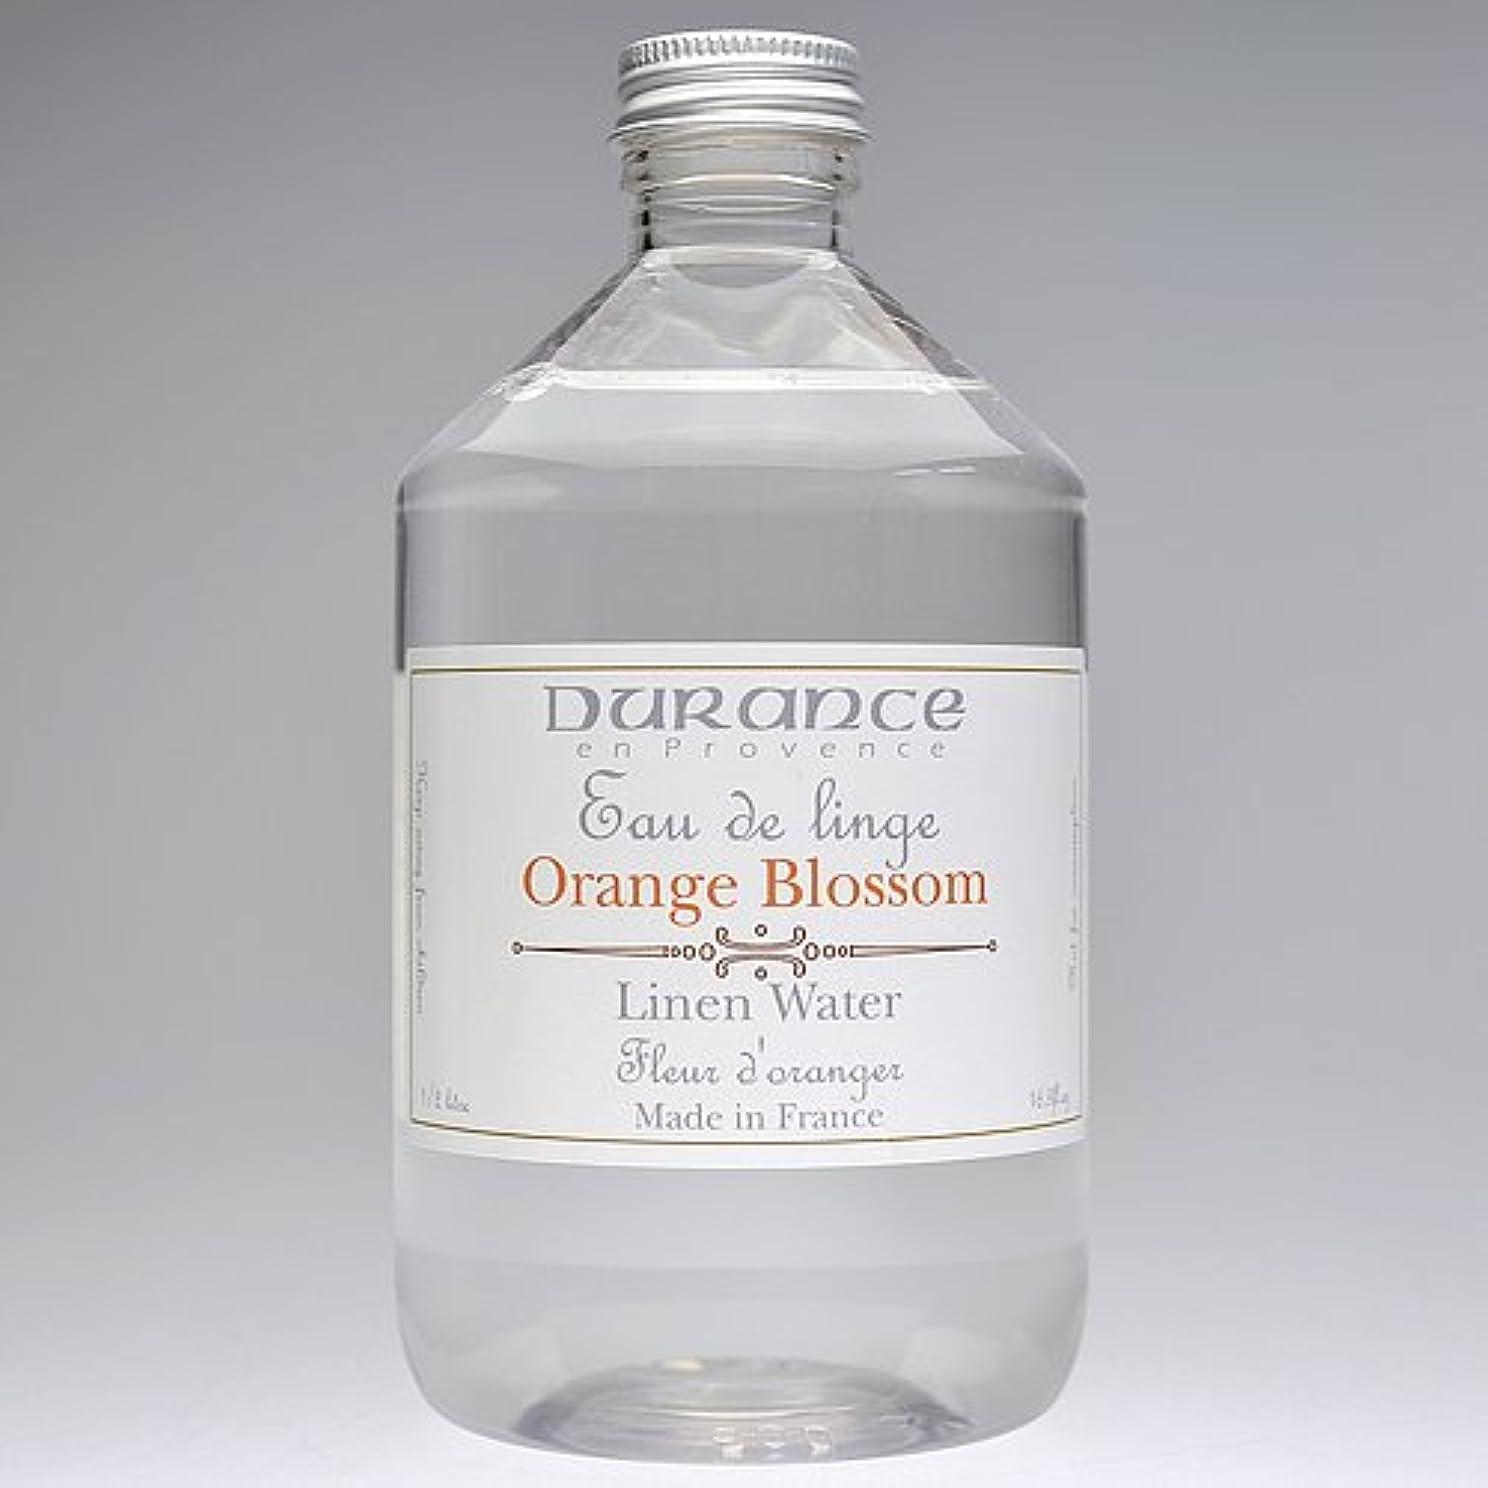 遺伝子大学院スーツDURANCE(デュランス) リネンケアシリーズ リネンウォーター 500ml 「フラワーオレンジ」 4994228008619